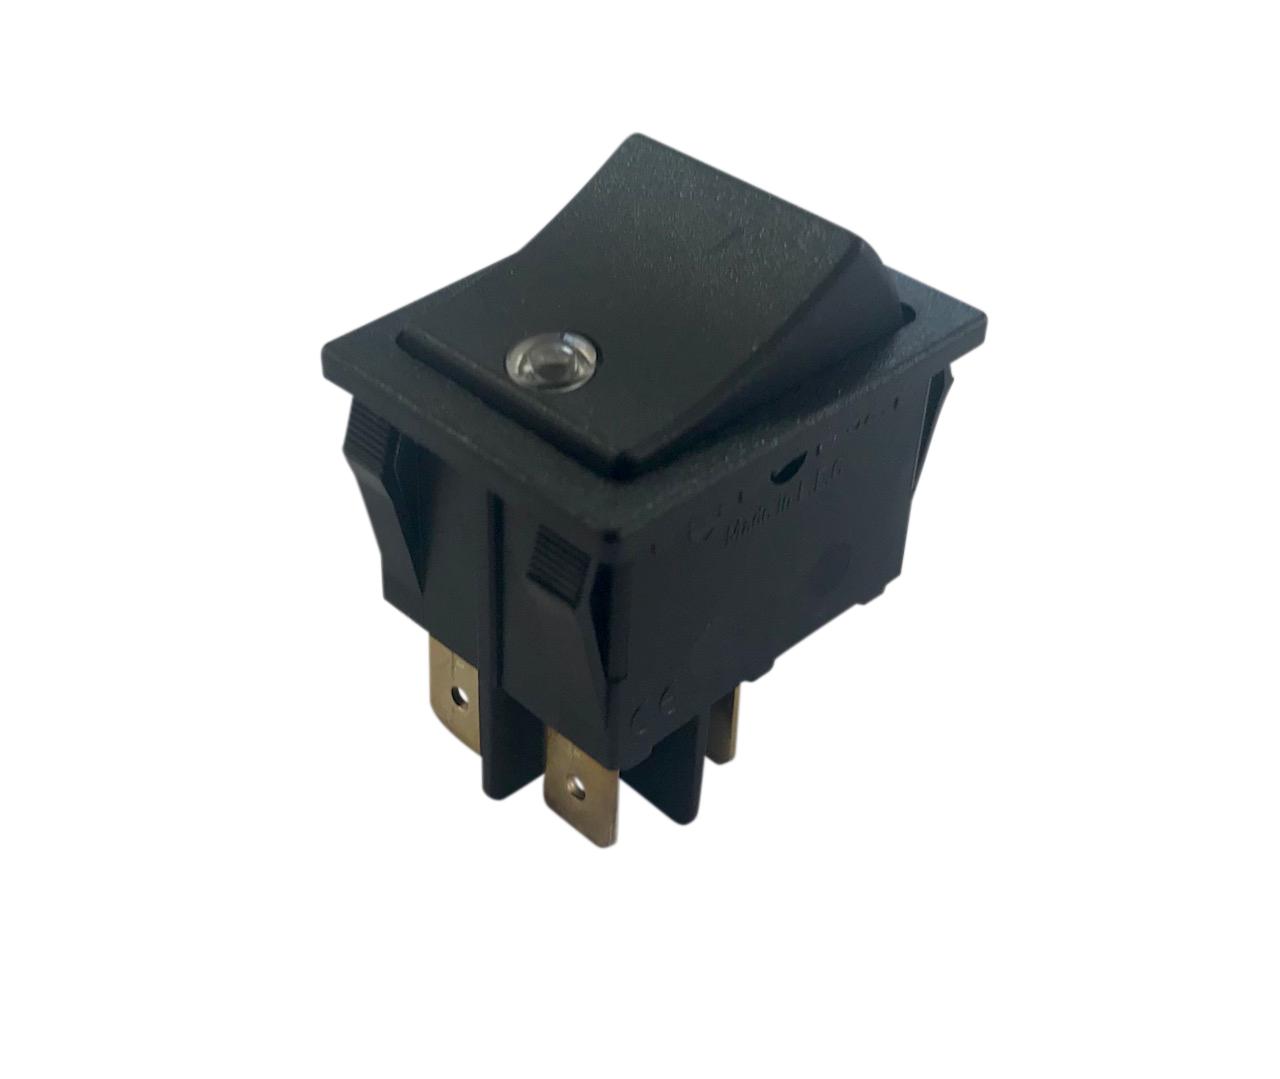 Interrupteur lumineux à bascule lentille cristal corps noir, On-Off, 250V